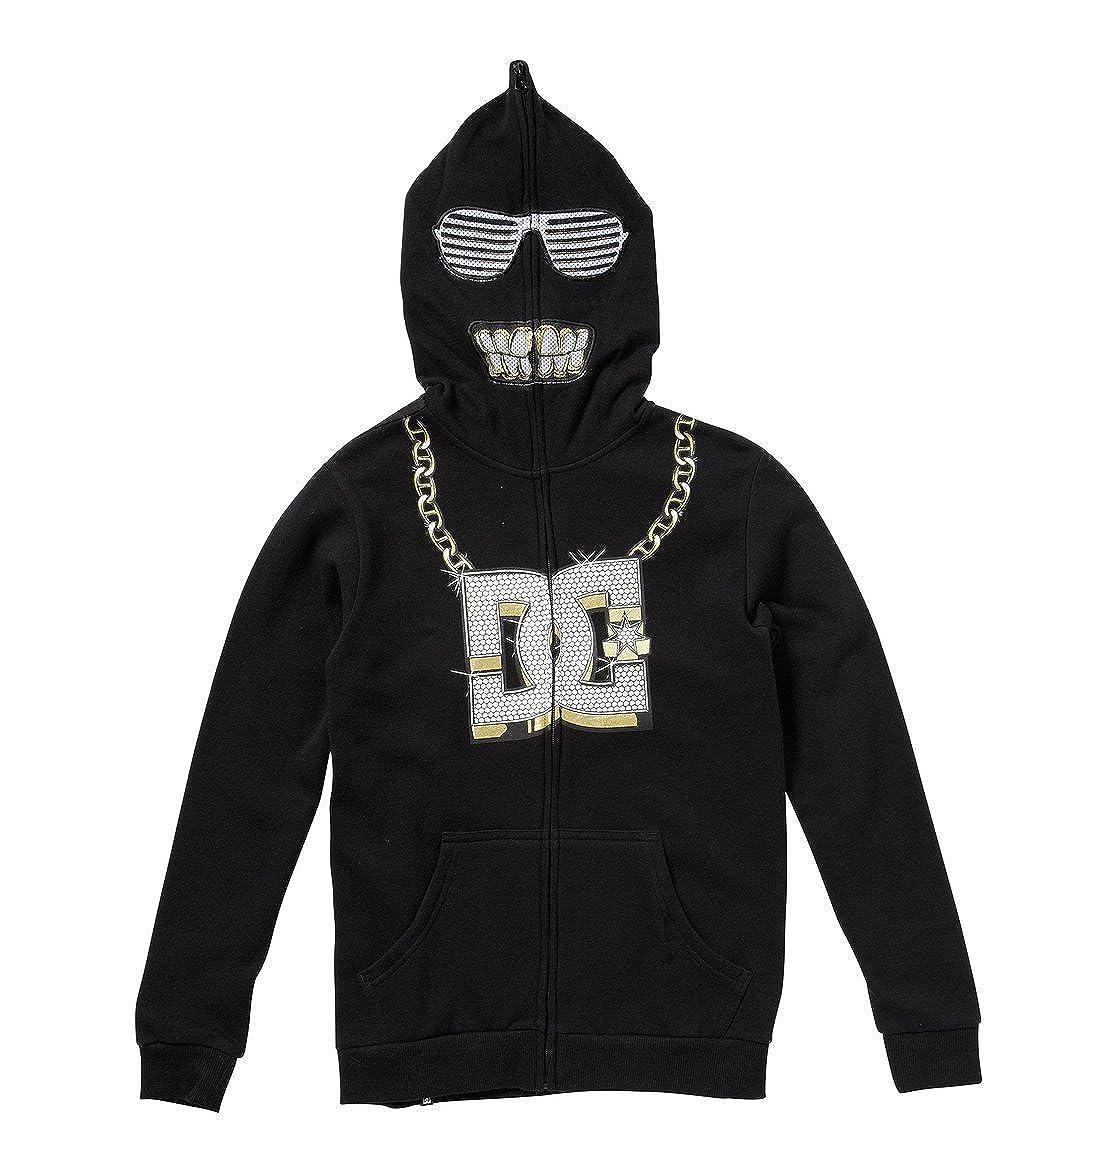 DC Toddler Kids Cray DCKD Fleece Hoody Zip Up Sweatshirts 2Tmall Black